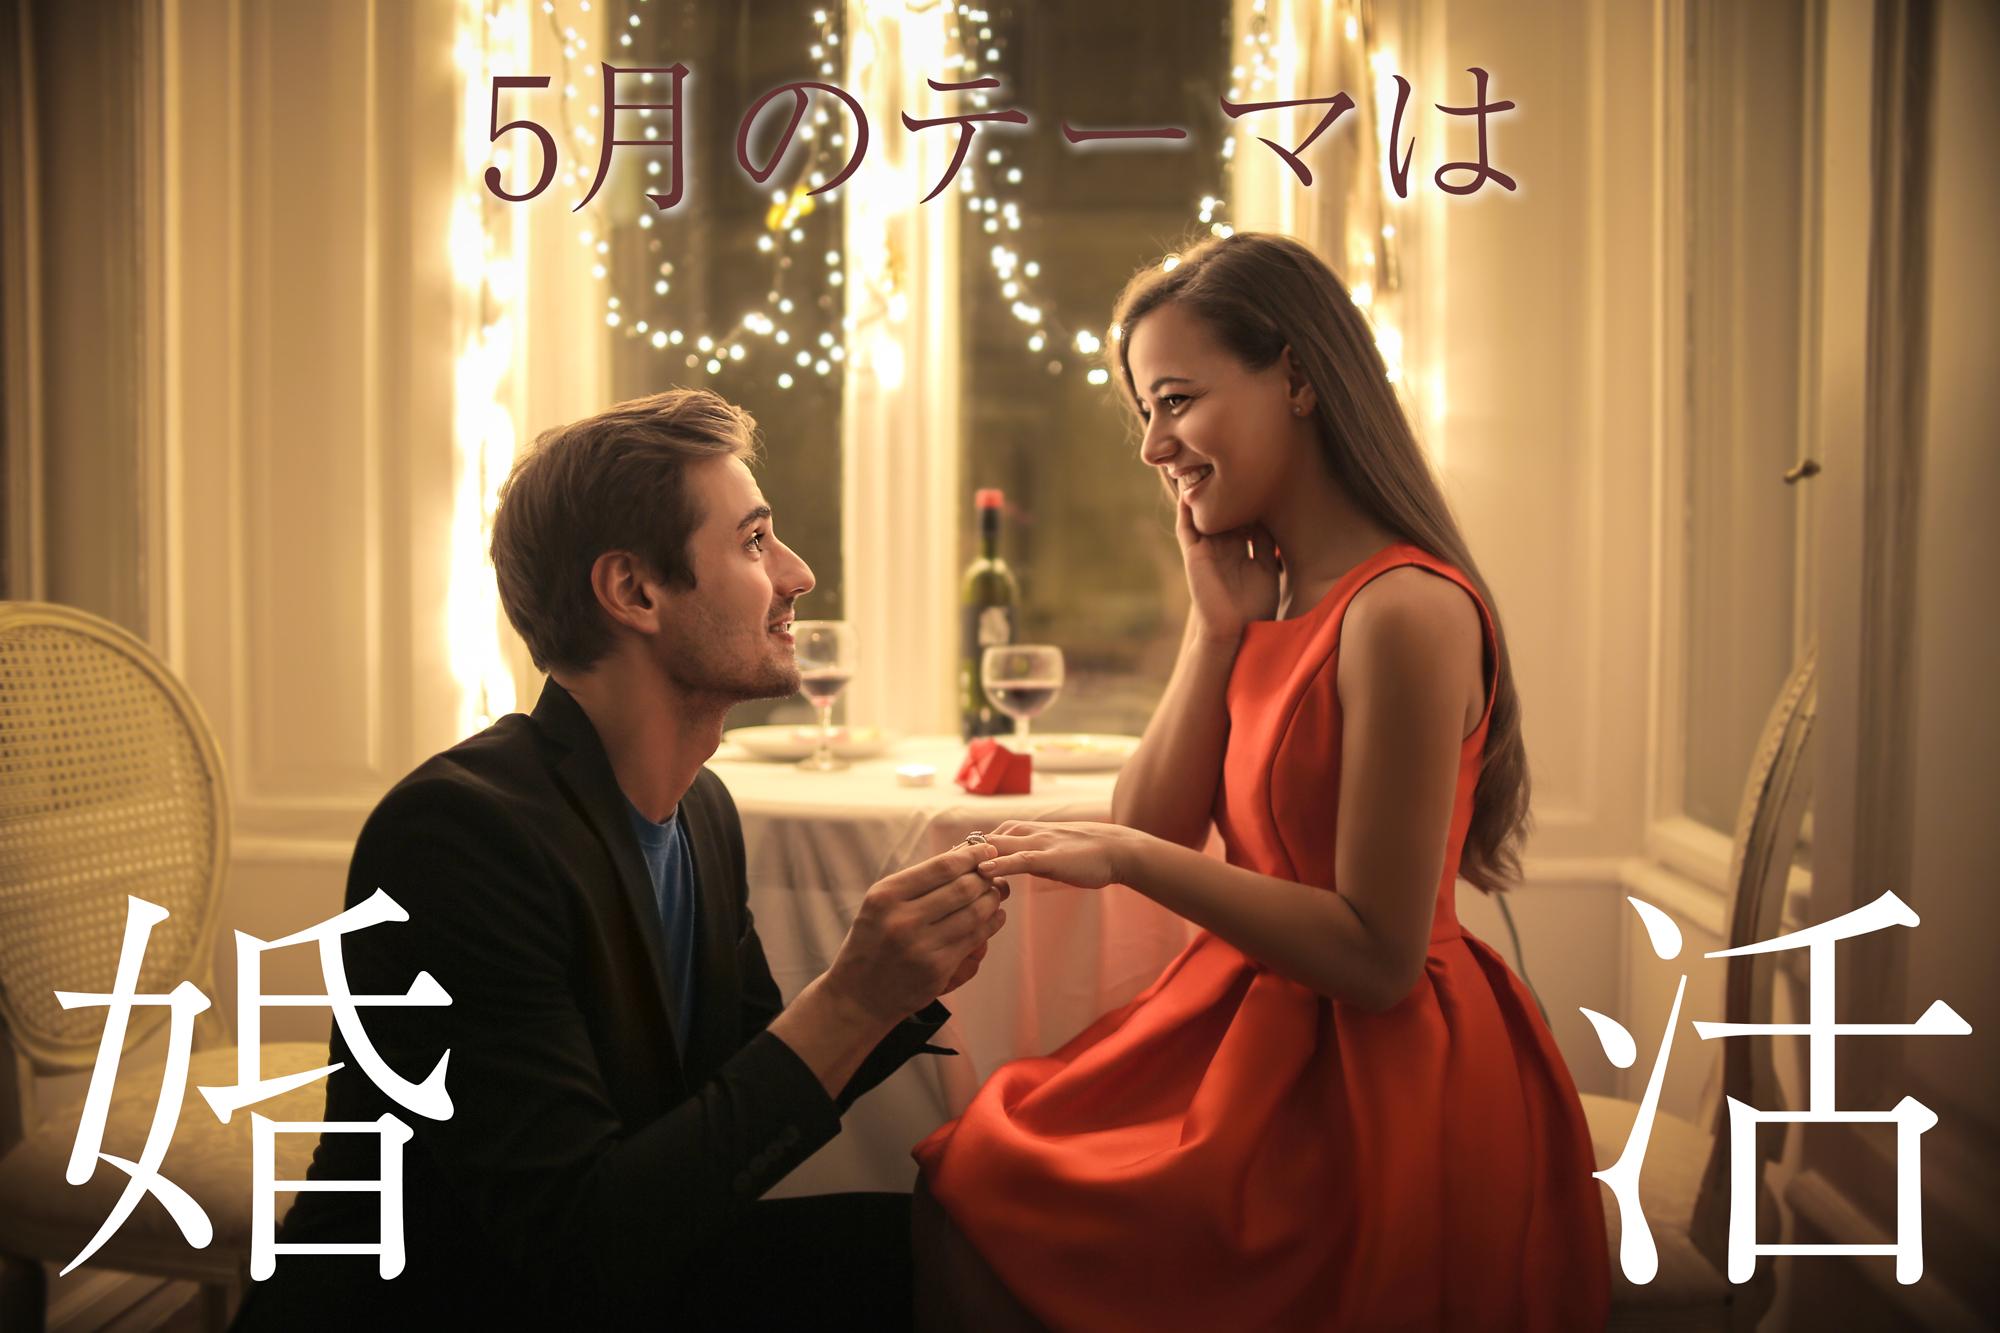 ヒマラヤラジオ5月のテーマは【婚活】